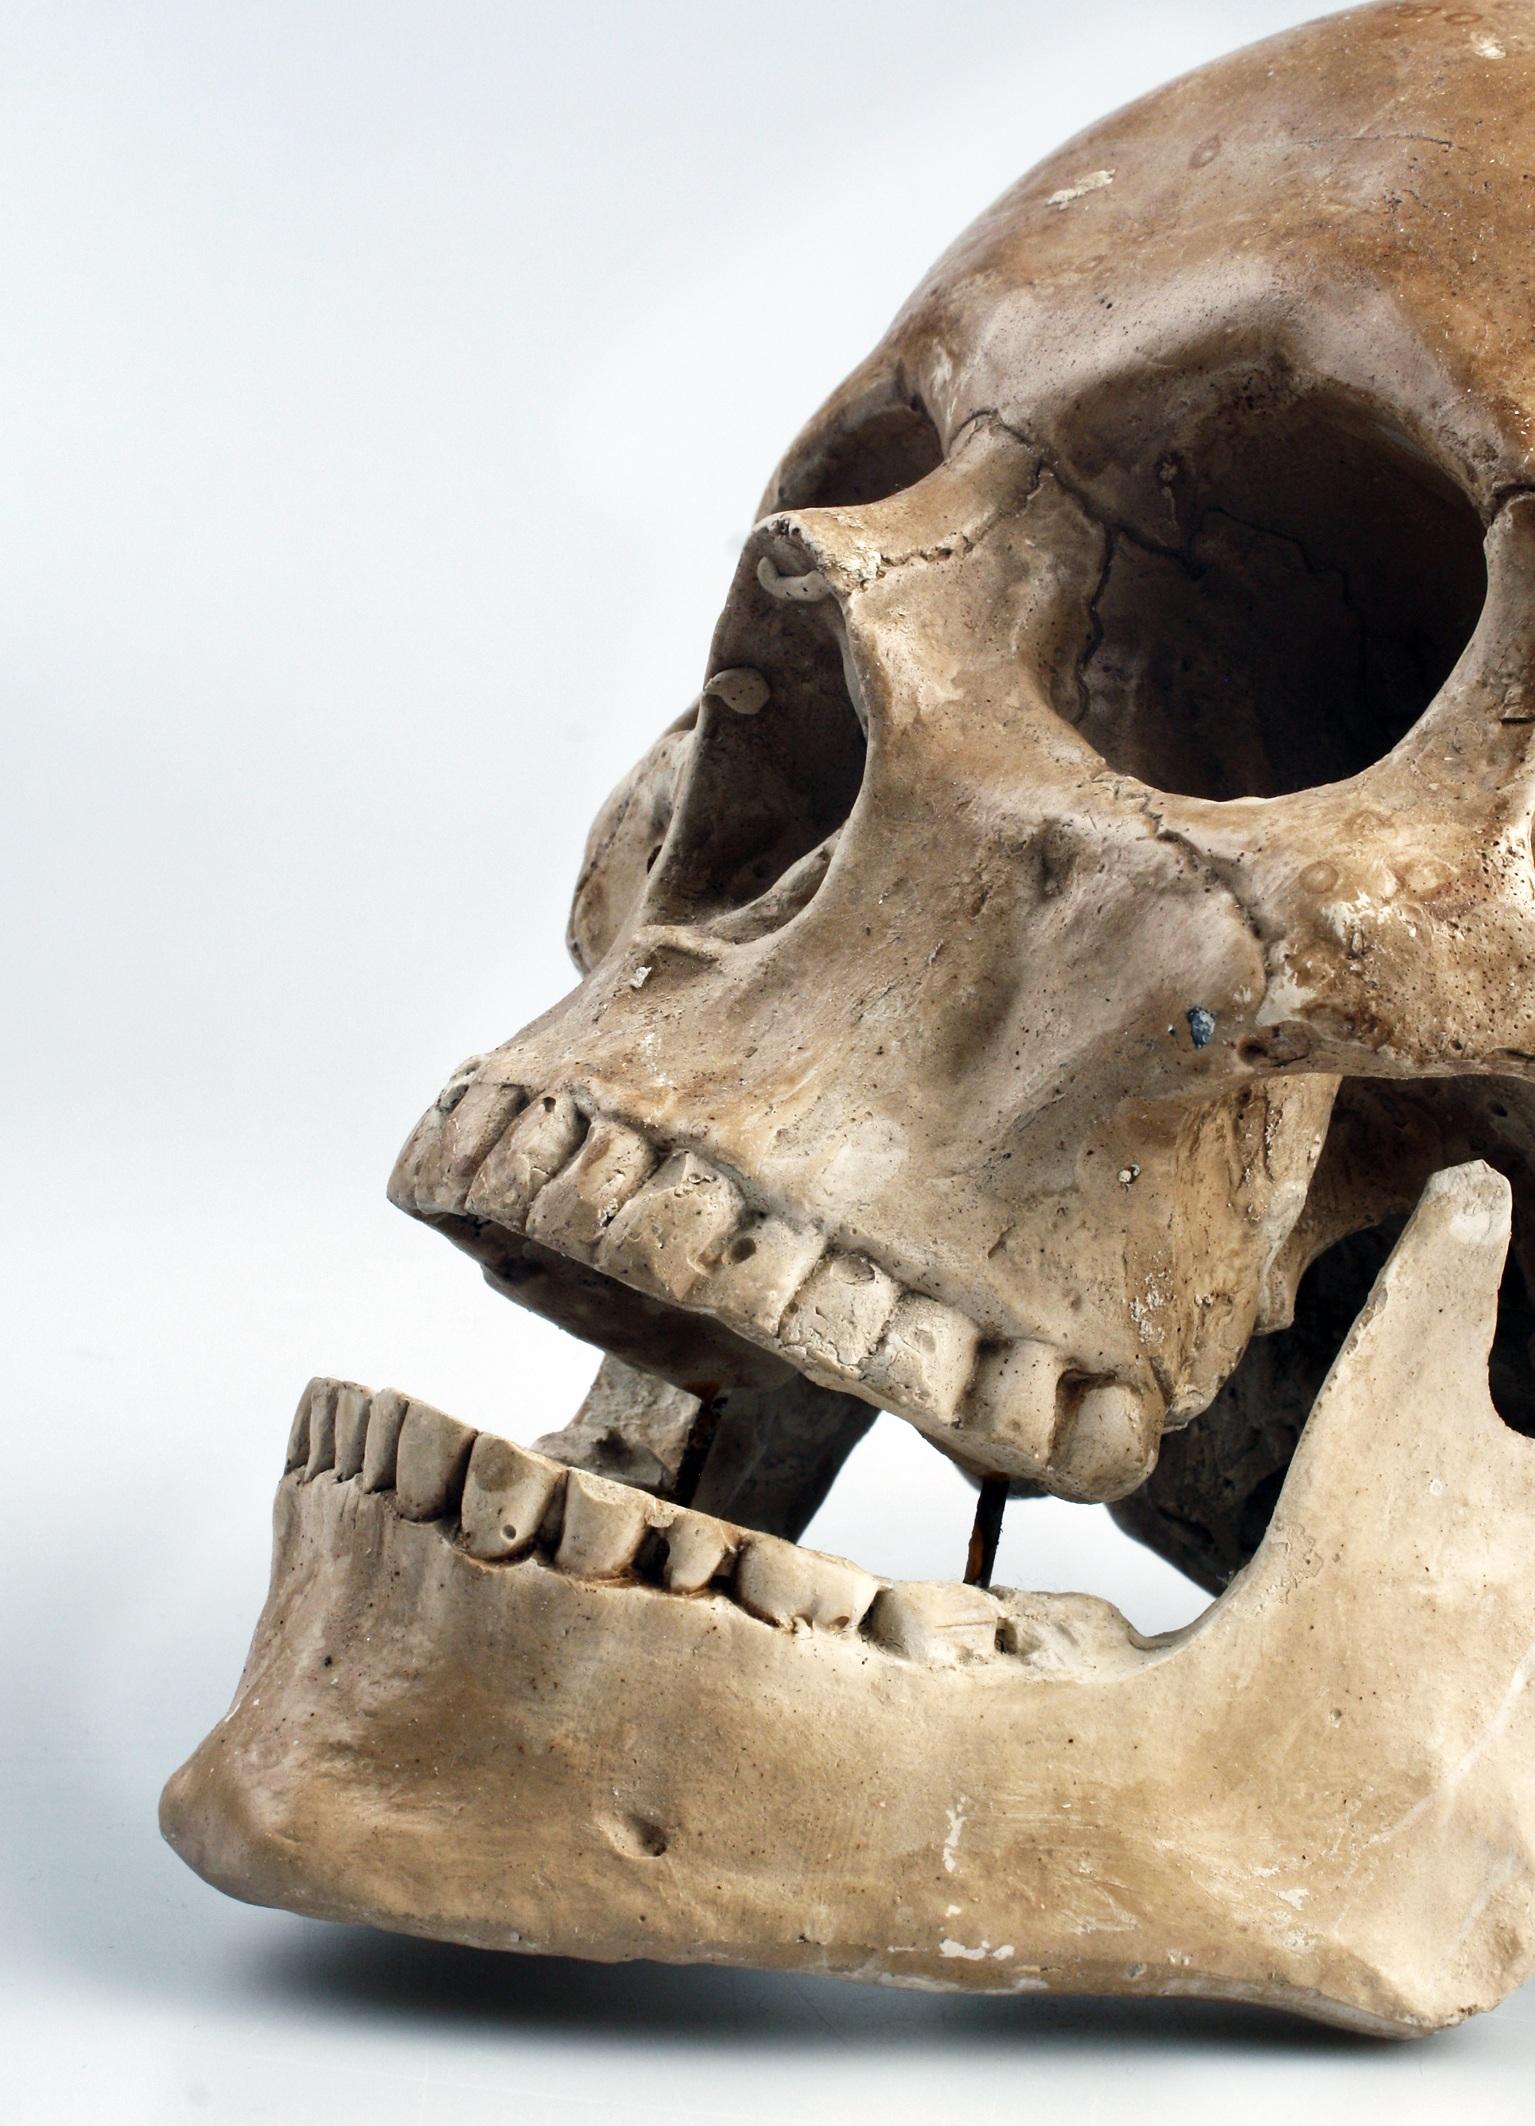 Kostenlose foto : Farbe, Kleidung, Schädel, Knochen, Skulptur, Kopf ...